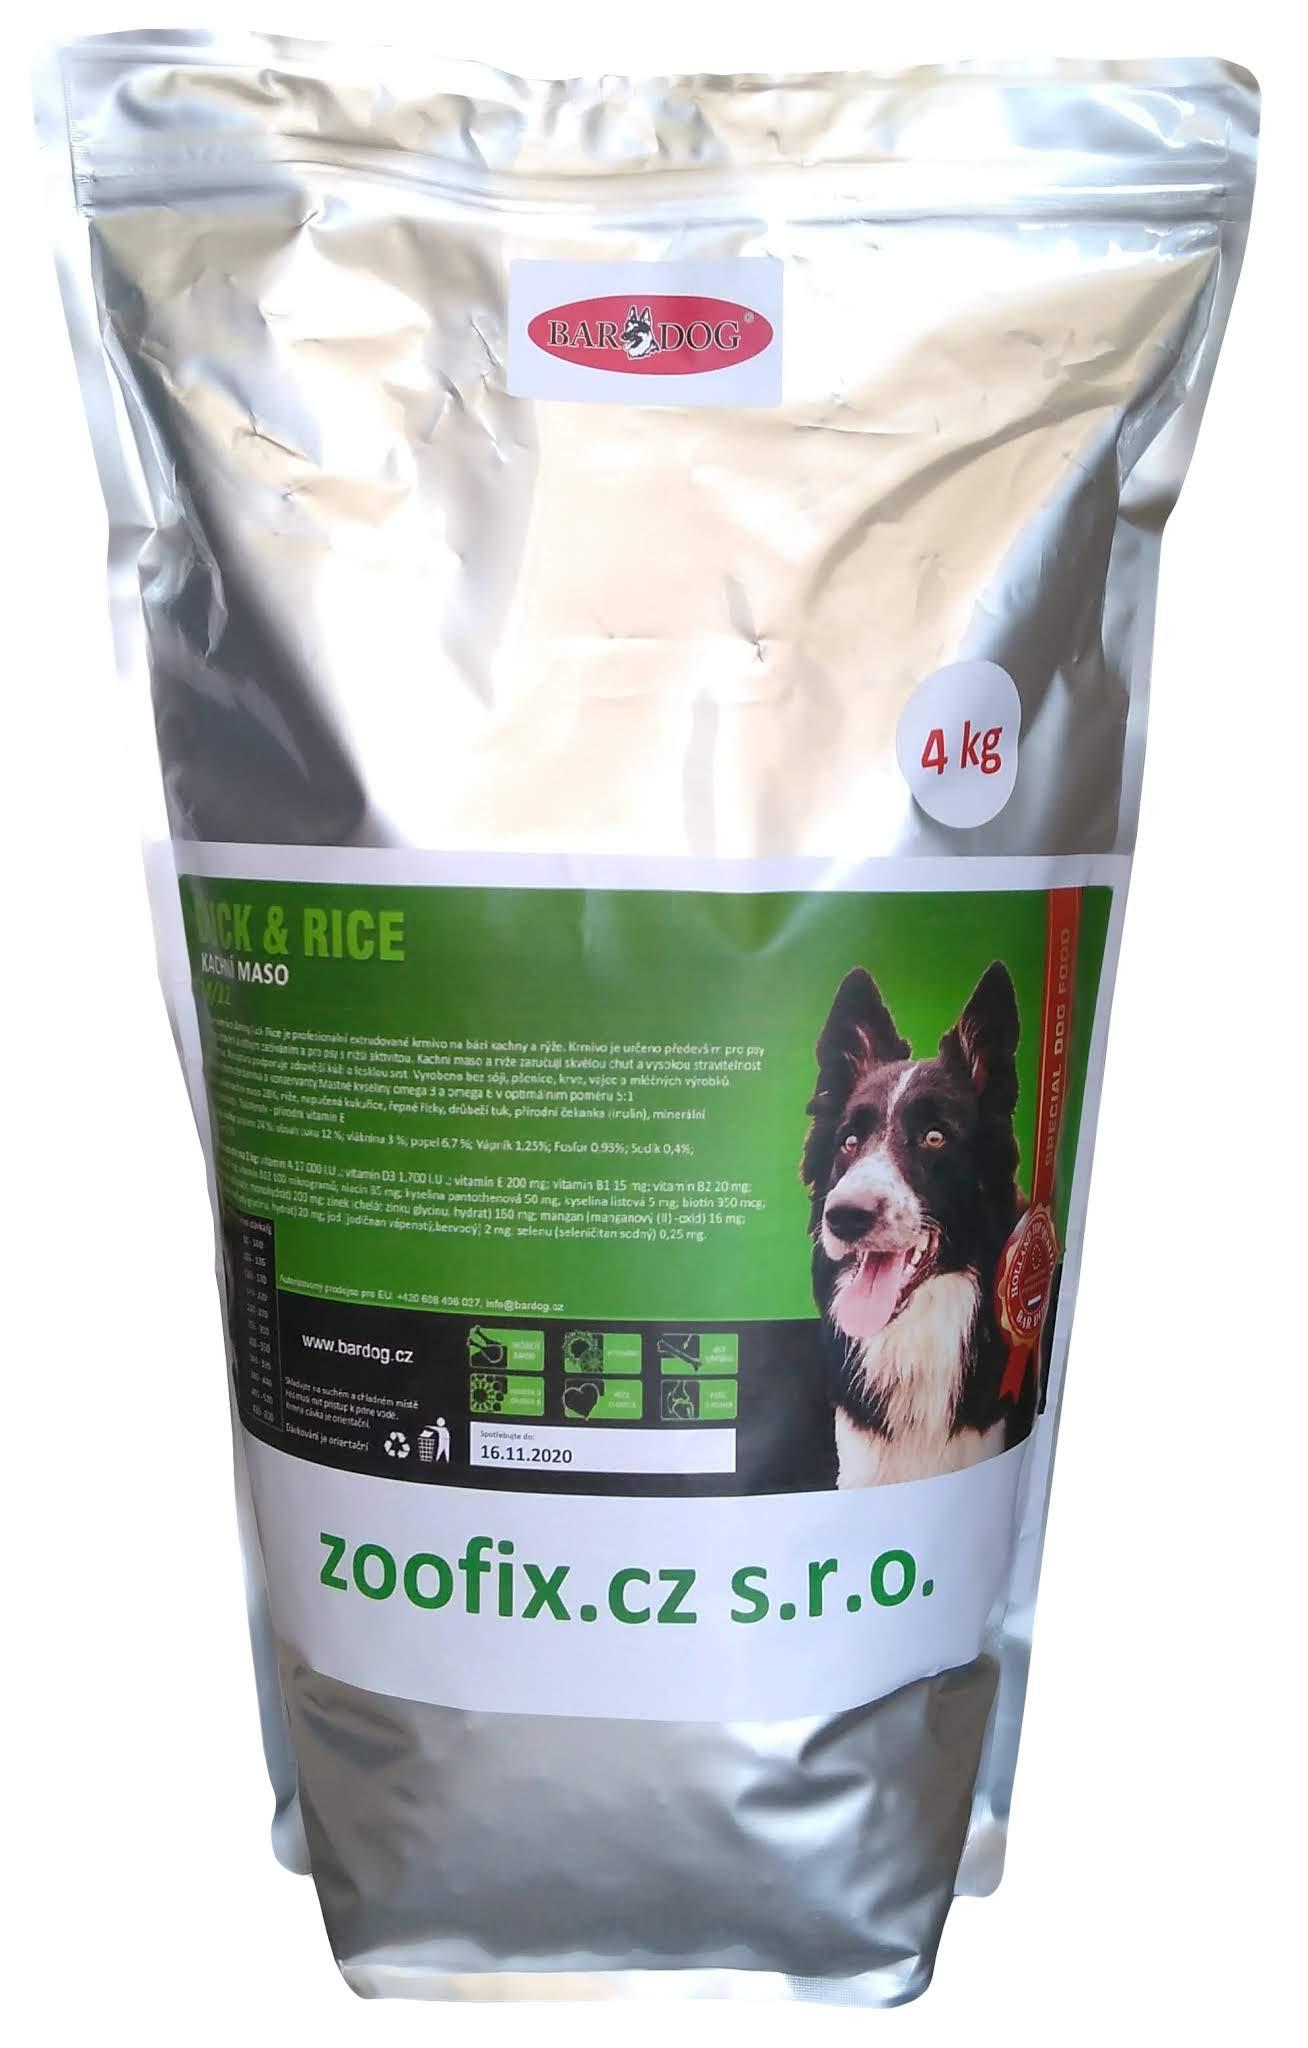 Bardog Super prémiové granule Duck Rice 24/12 balení: 4 kg